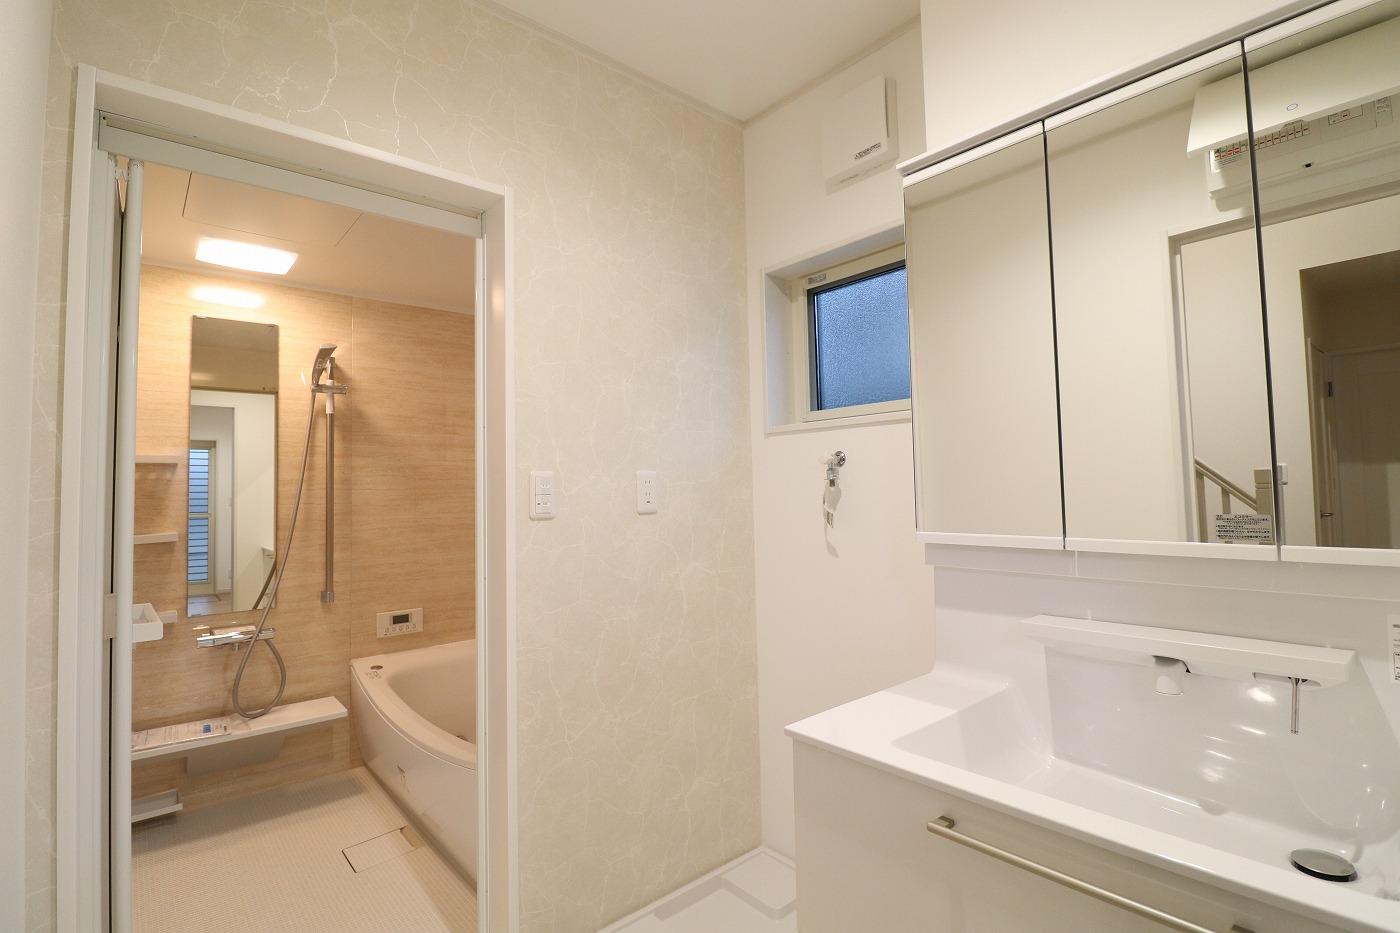 高松市木太町の新築建売住宅の洗面浴室